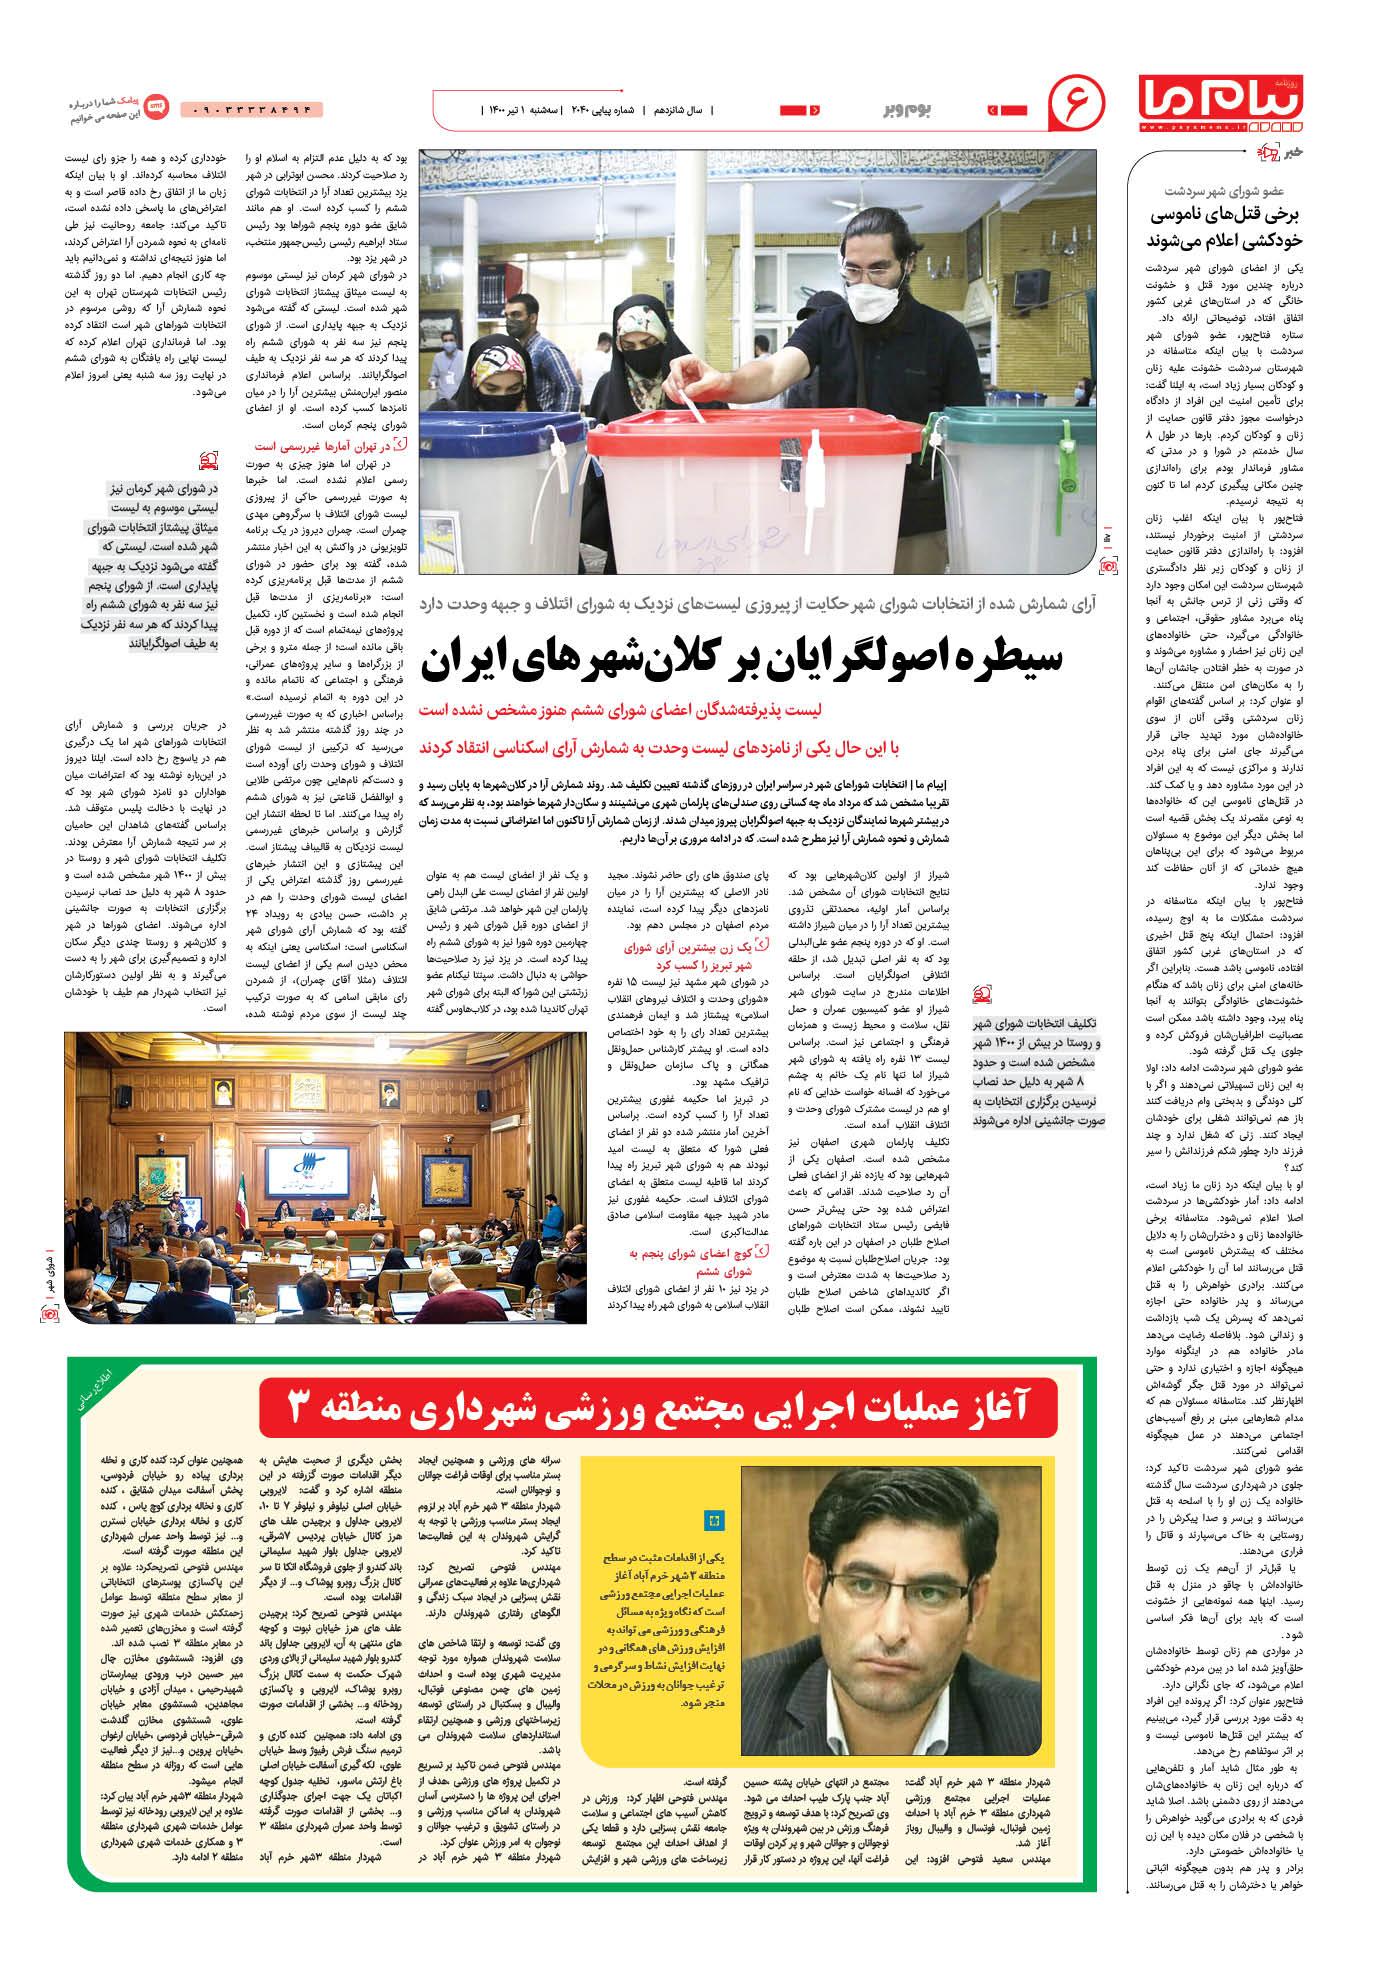 سیطره اصولگرایان بر کلانشهرهای ایران